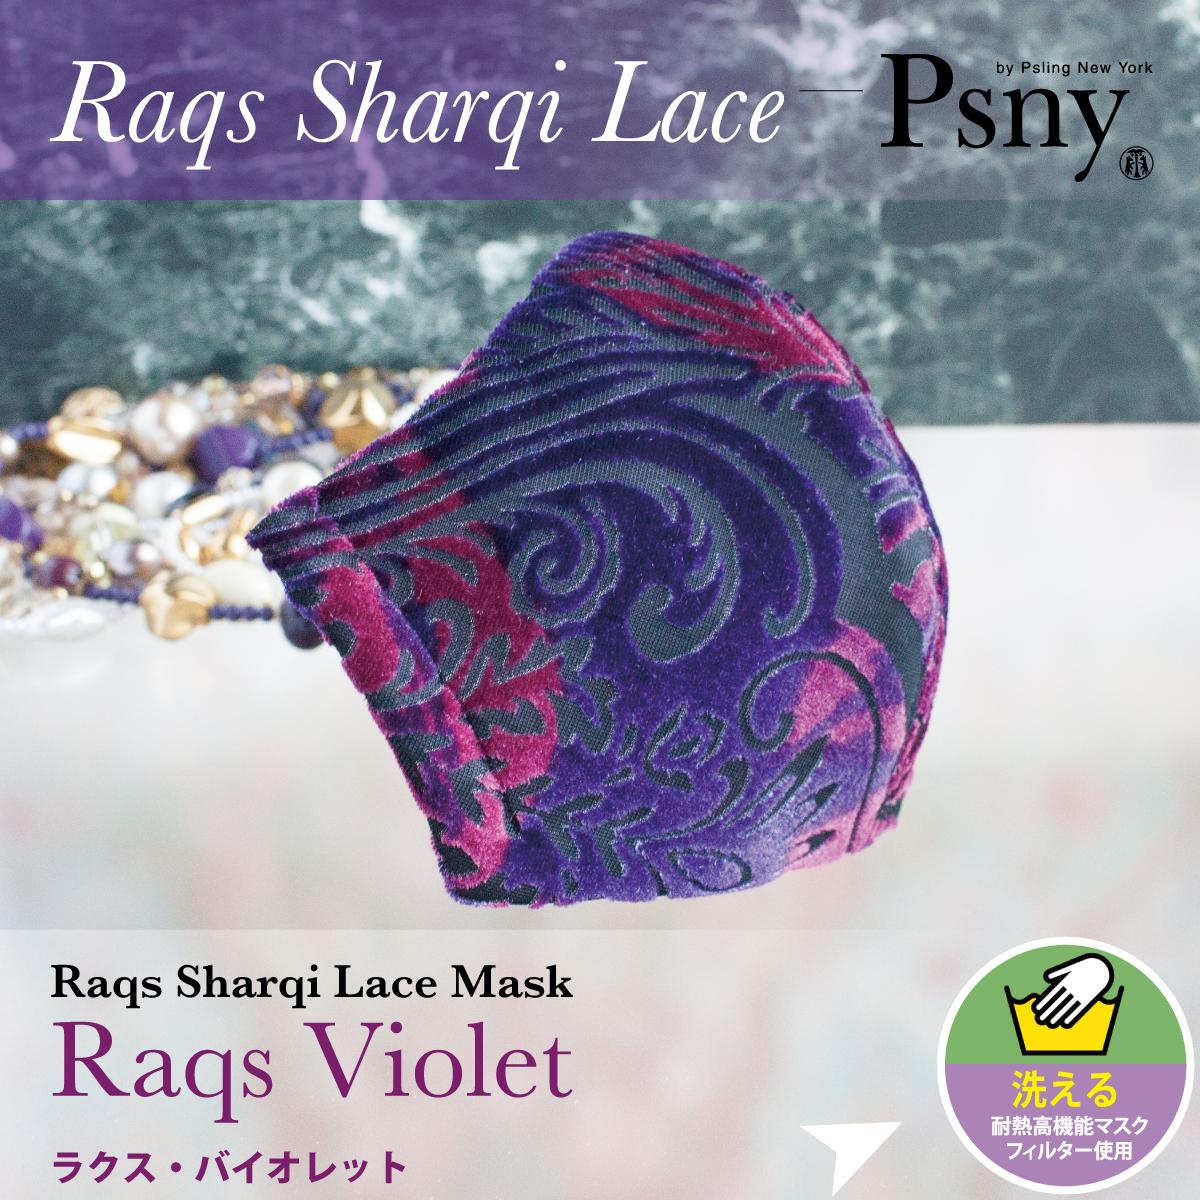 PSNY ラクスシャルキー・バイオレット 花粉 黄砂 洗える不織布フィルター入り 立体 大人用 マスク 送料無料 RS2